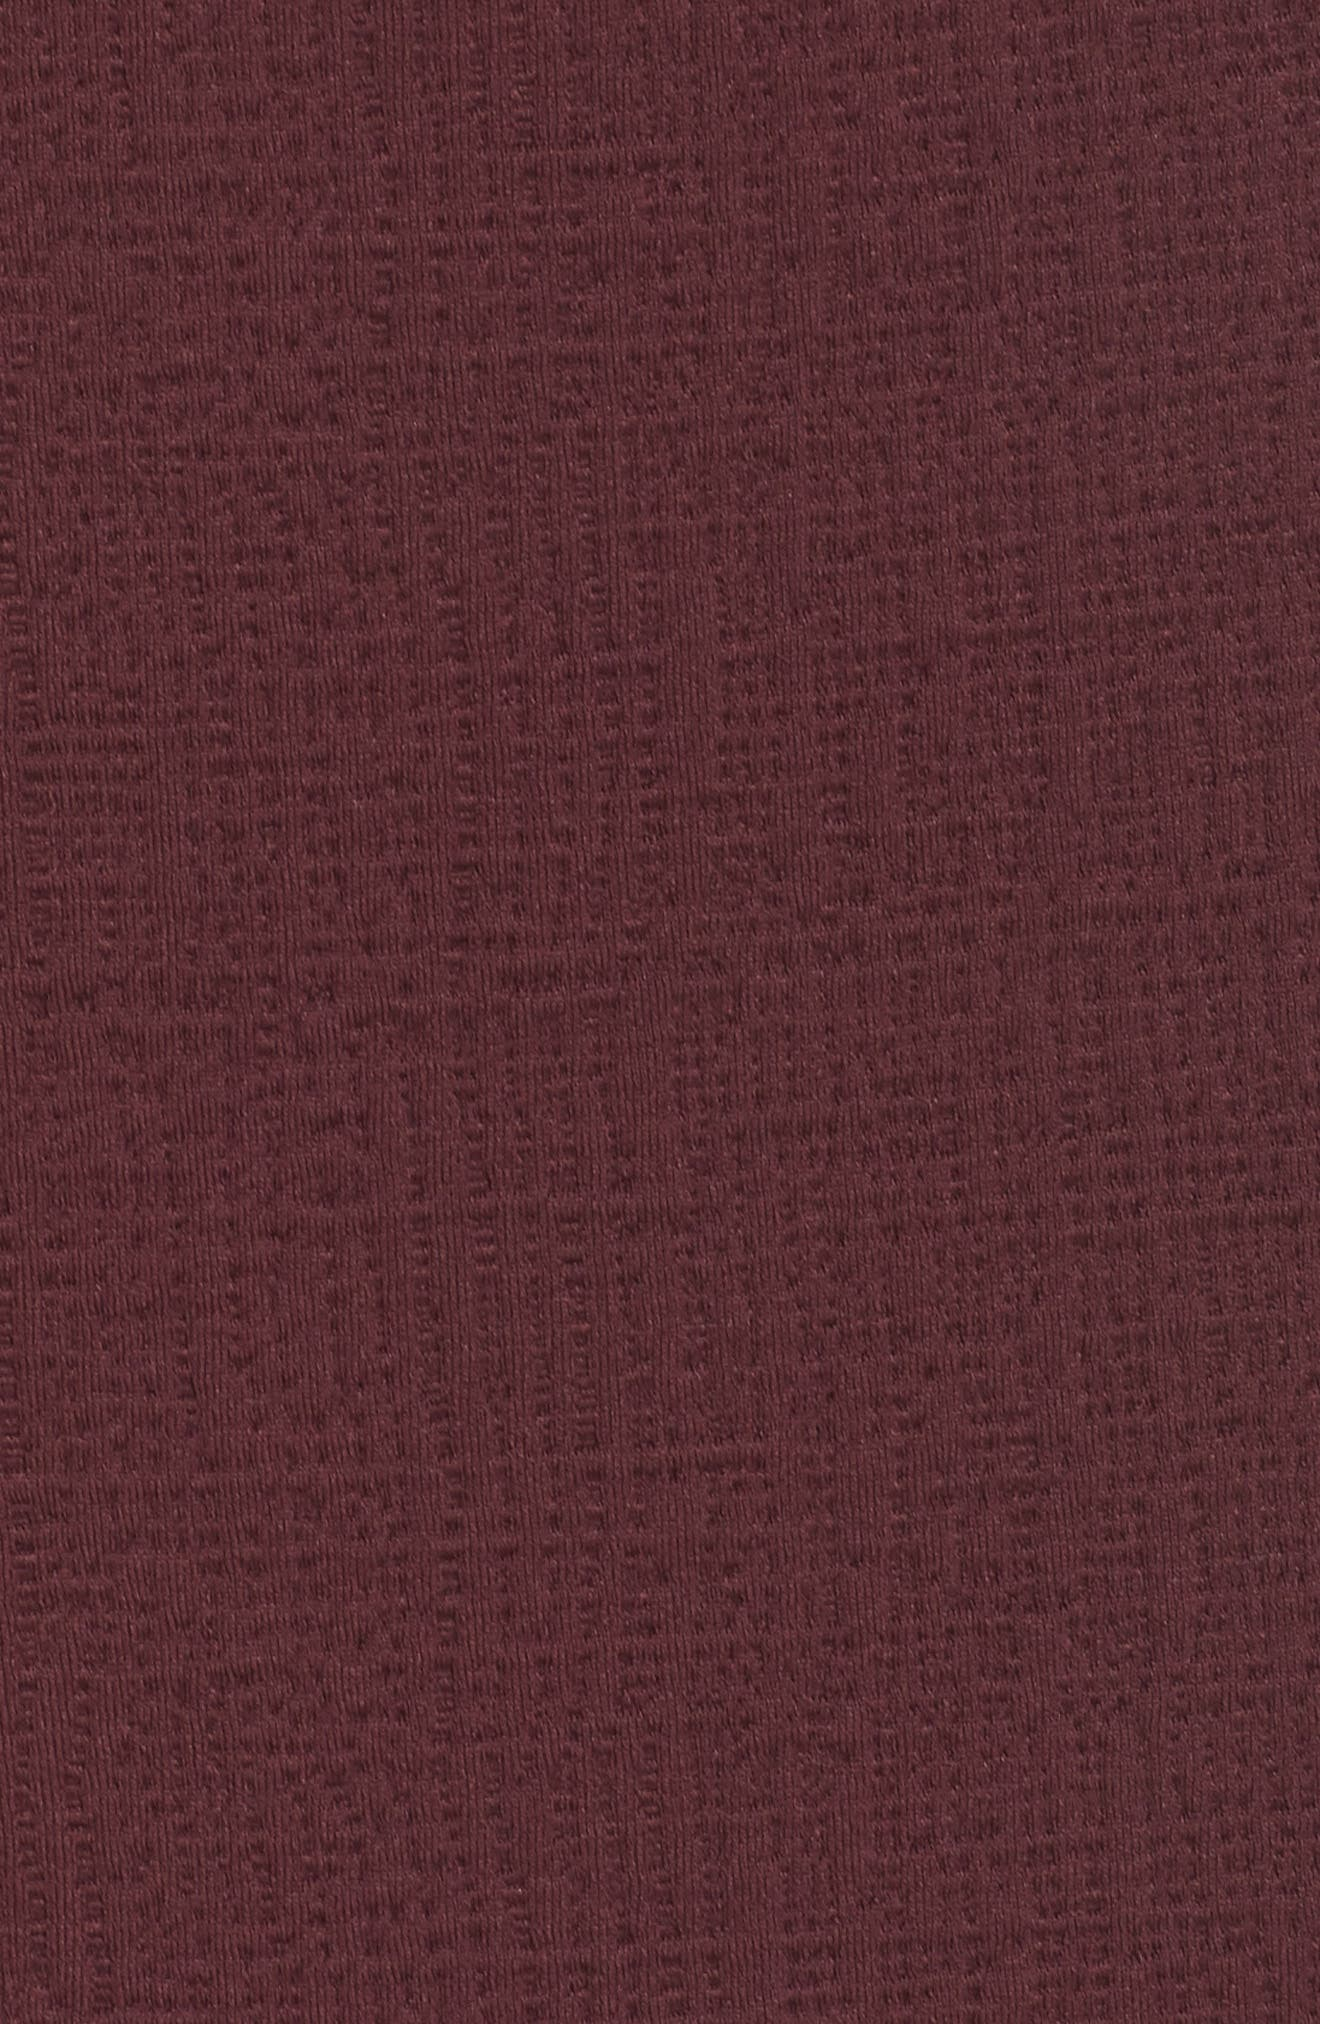 Jacquard Sheath Dress,                             Alternate thumbnail 6, color,                             Fig